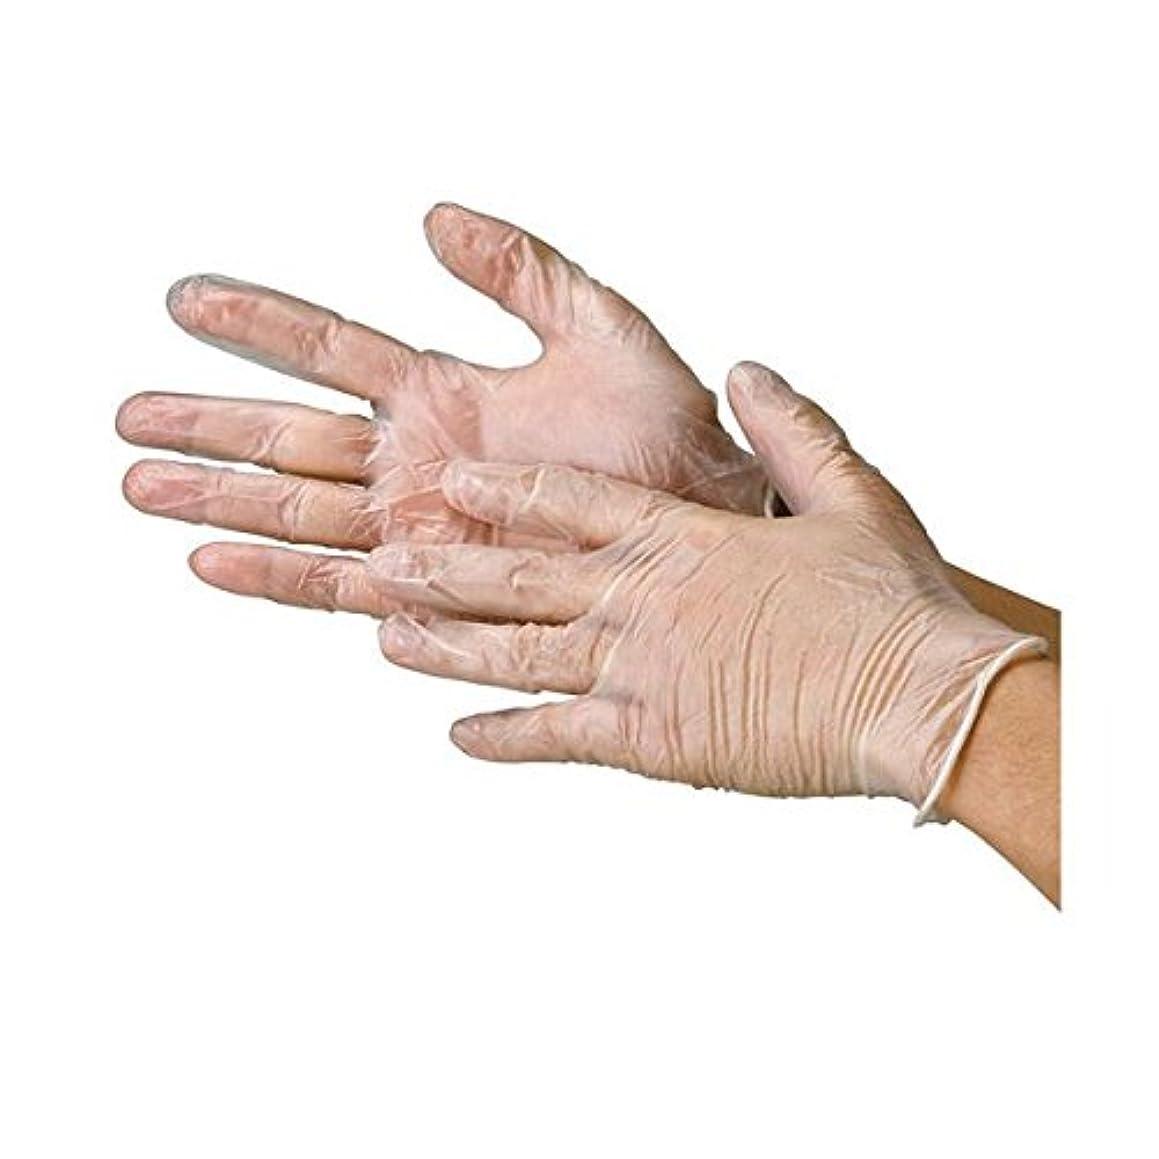 スキーム飢饉武器川西工業 ビニール極薄手袋 粉つき S 20袋 ds-1915764